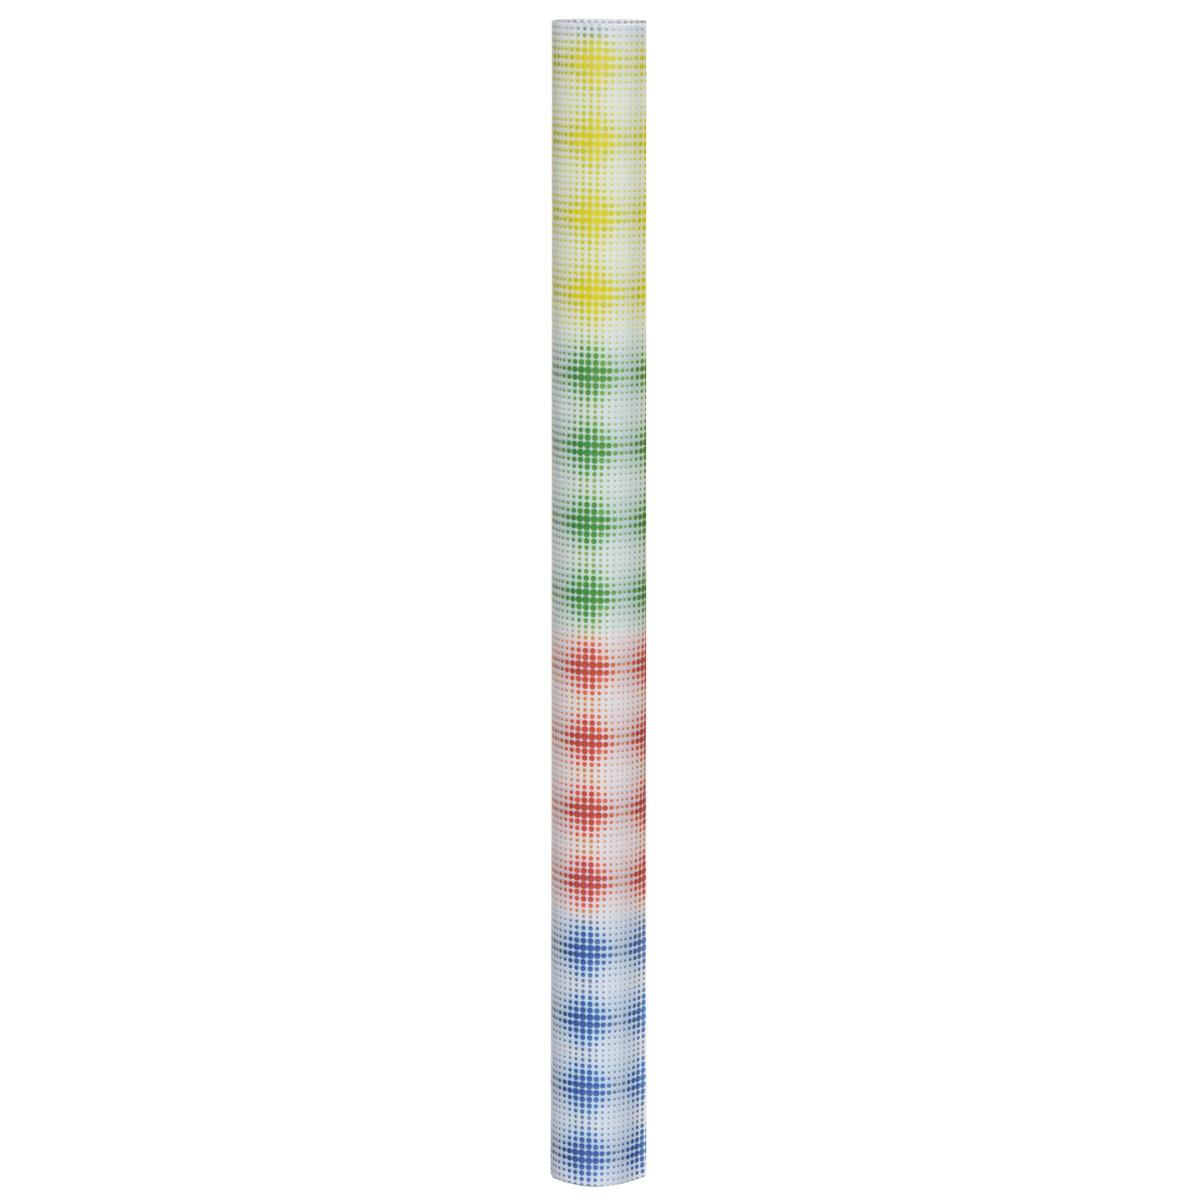 Транспарентная бумага Folia Полька Дотс, 50,5 x 70 см7708097Транспарентная бумага Folia Полька Дотс - полупрозрачная бумага с оригинальным дизайном в виде разноцветных точек. Используется для изготовления открыток, для скрапбукинга и других декоративных или дизайнерских работ. Бумага прекрасно держит форму, не пачкает руки, отлично крепится. Конструирование из транспарентной бумаги - необходимый для развития детей процесс. Во время занятия аппликацией ребенок сумеет разработать четкость движений, ловкость пальцев, аккуратность и внимательность. Кроме того, транспарентная бумага позволит разнообразить идеи ребенка при создании творческих работ.